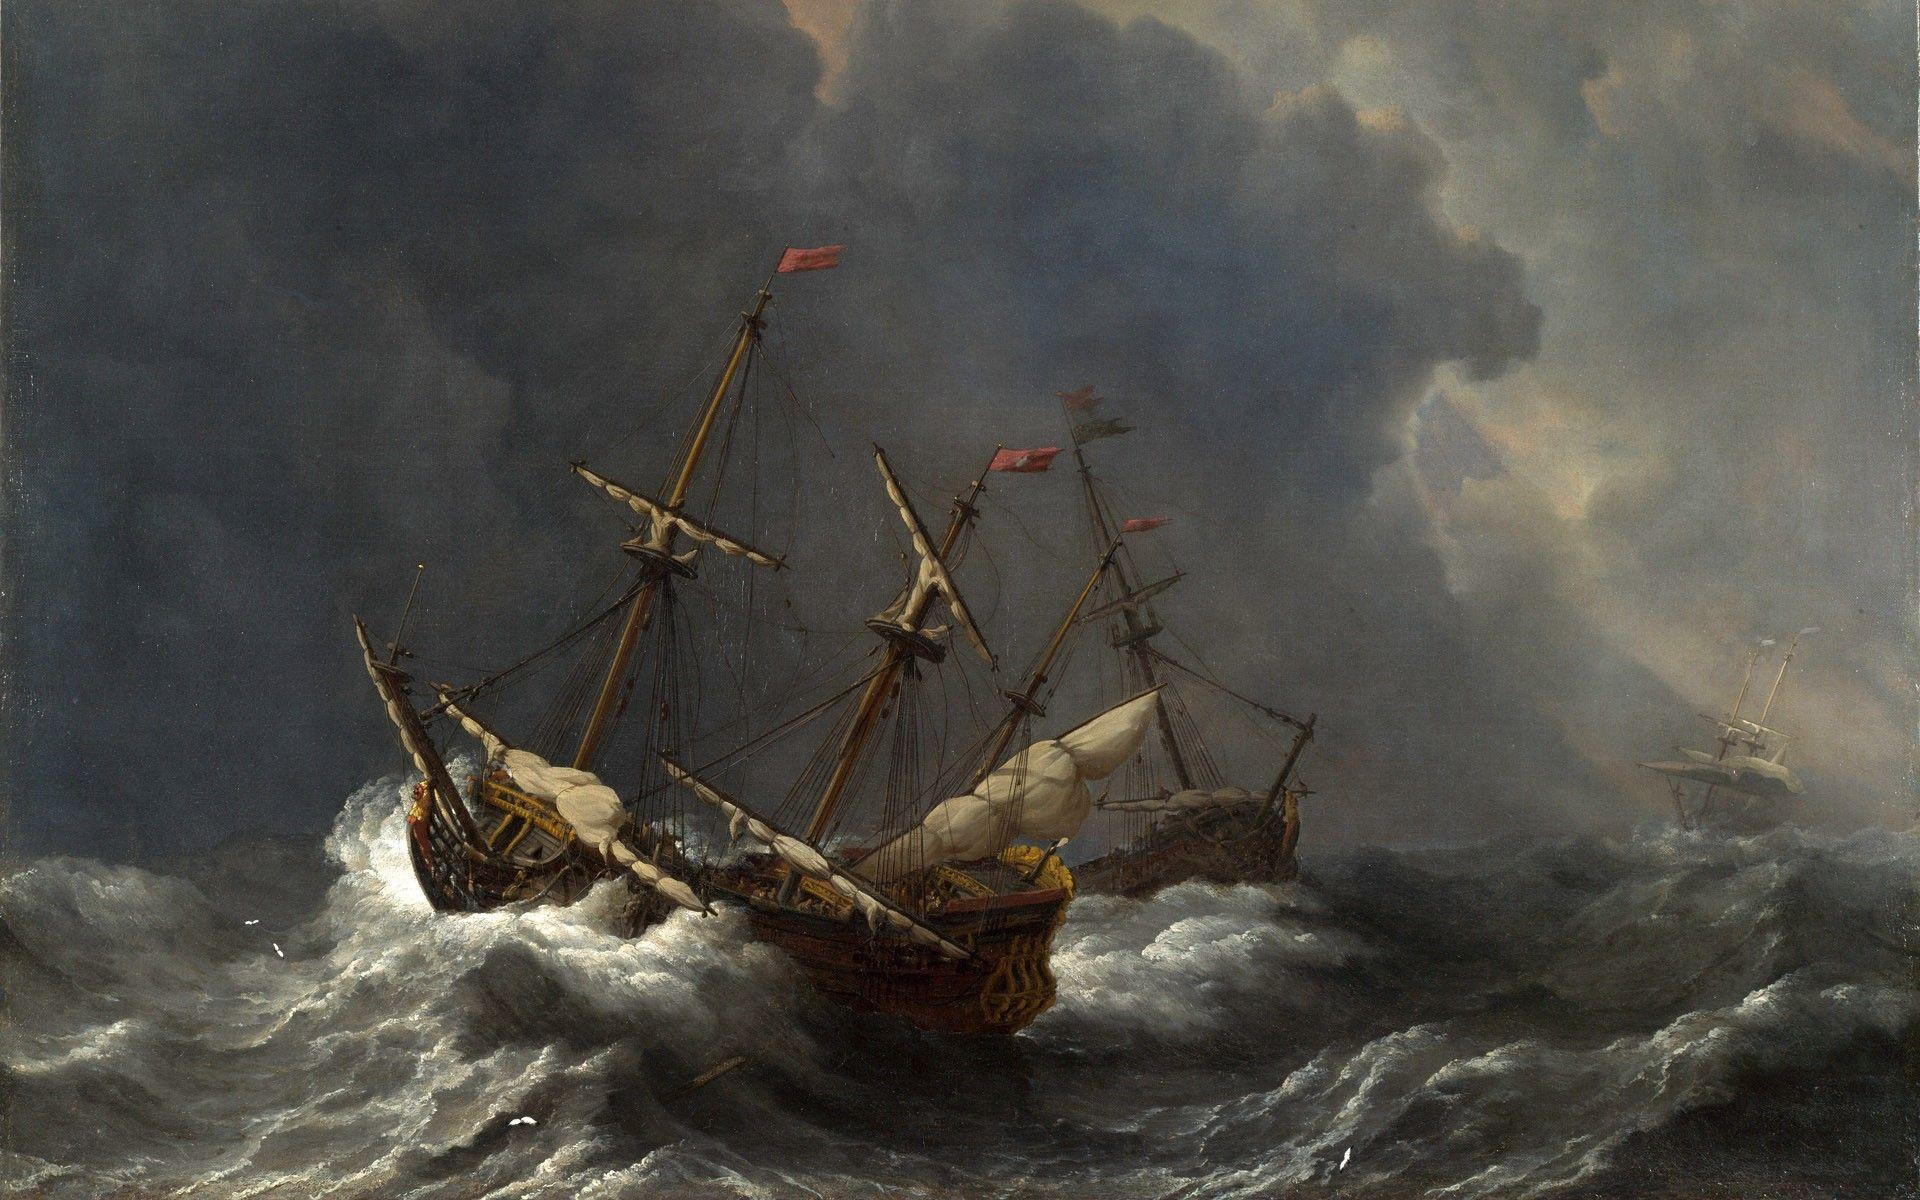 Resultado de imagem para tempestade em alto mar